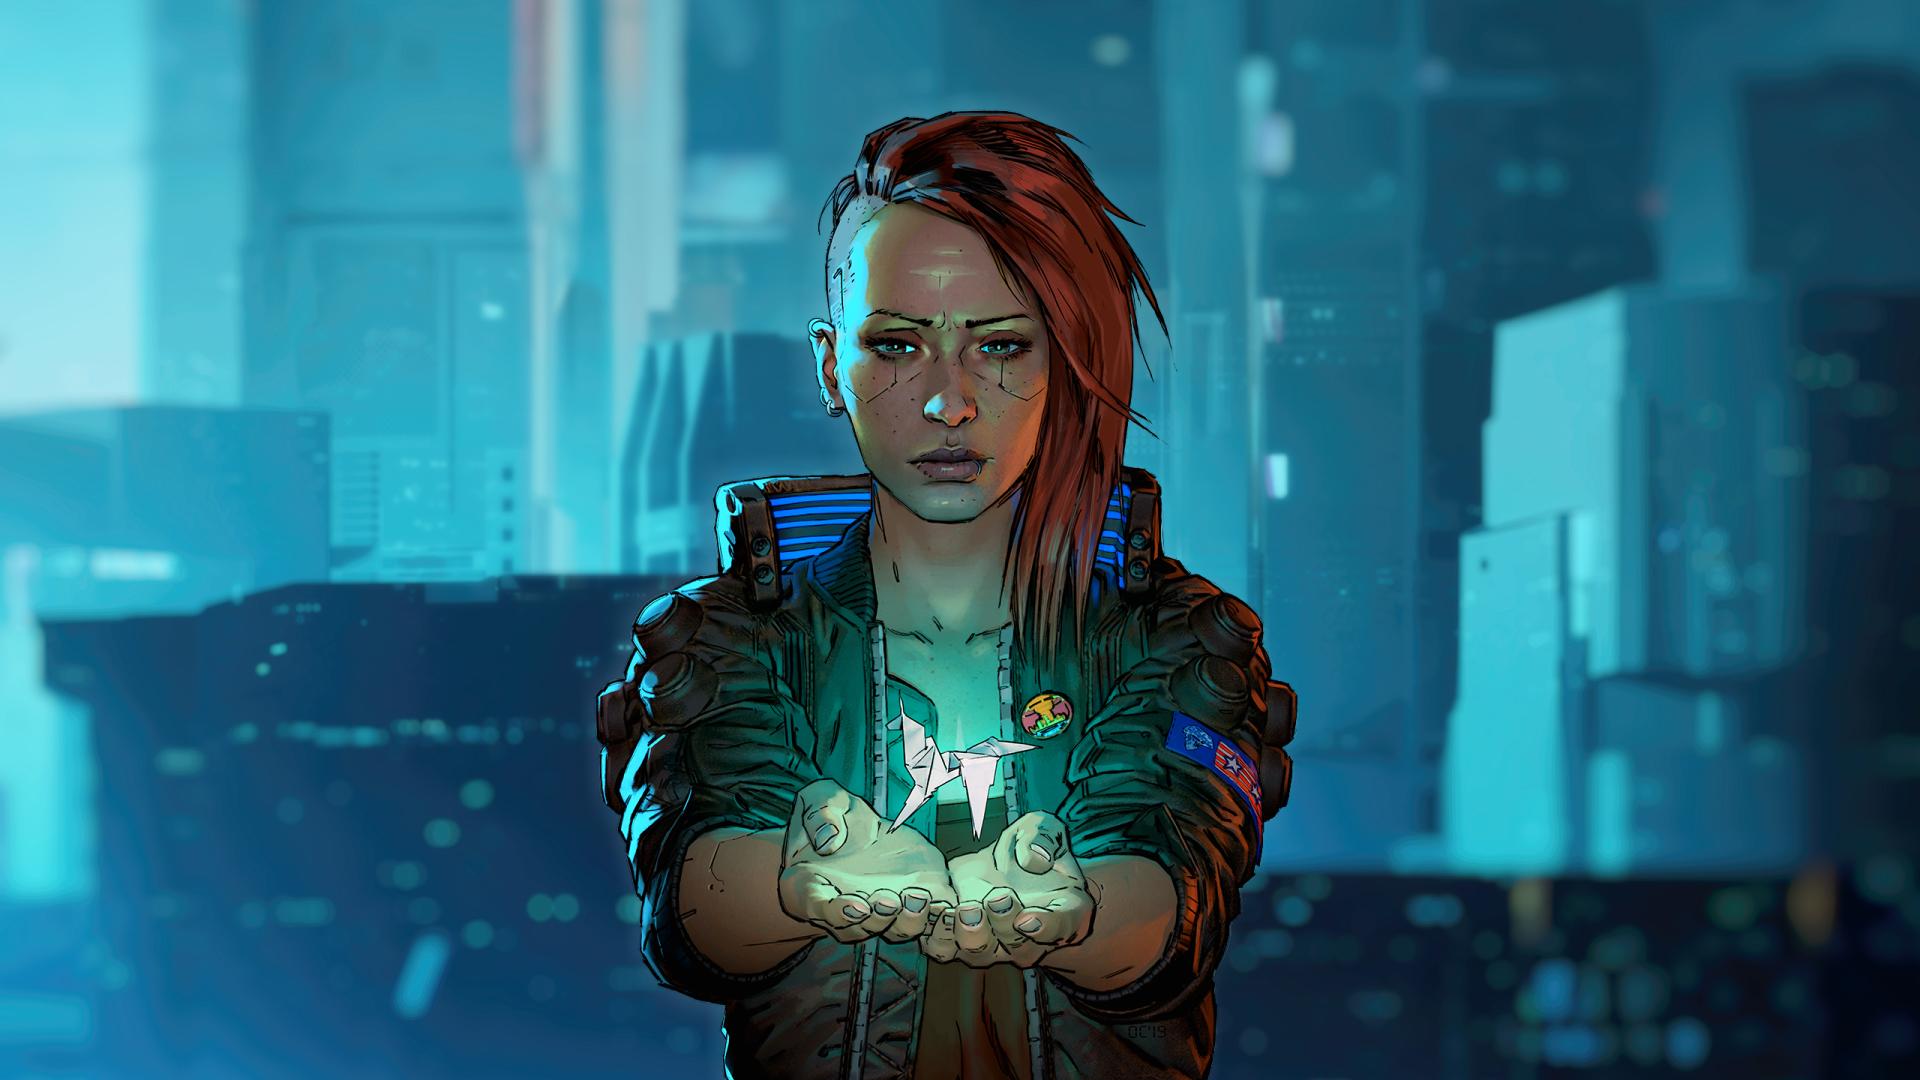 2560x1080 Female V Cyberpunk 2077 2560x1080 Resolution ...